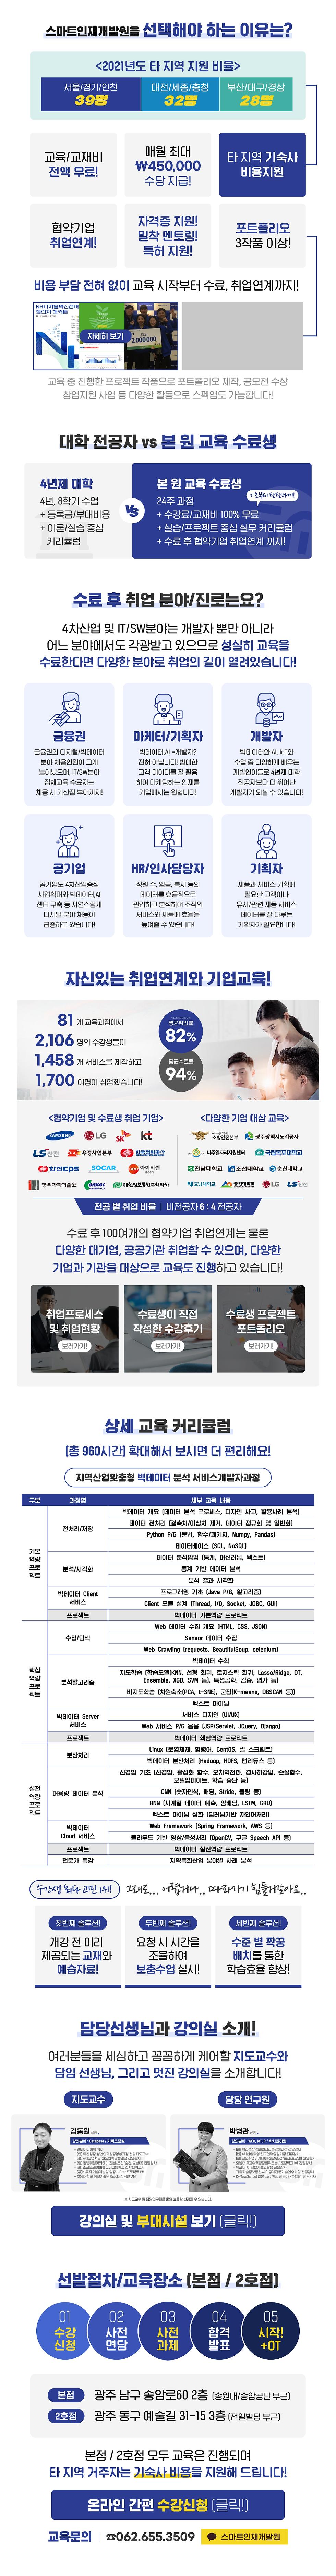 패캠모티브(2021혁신-빅데이터2).png